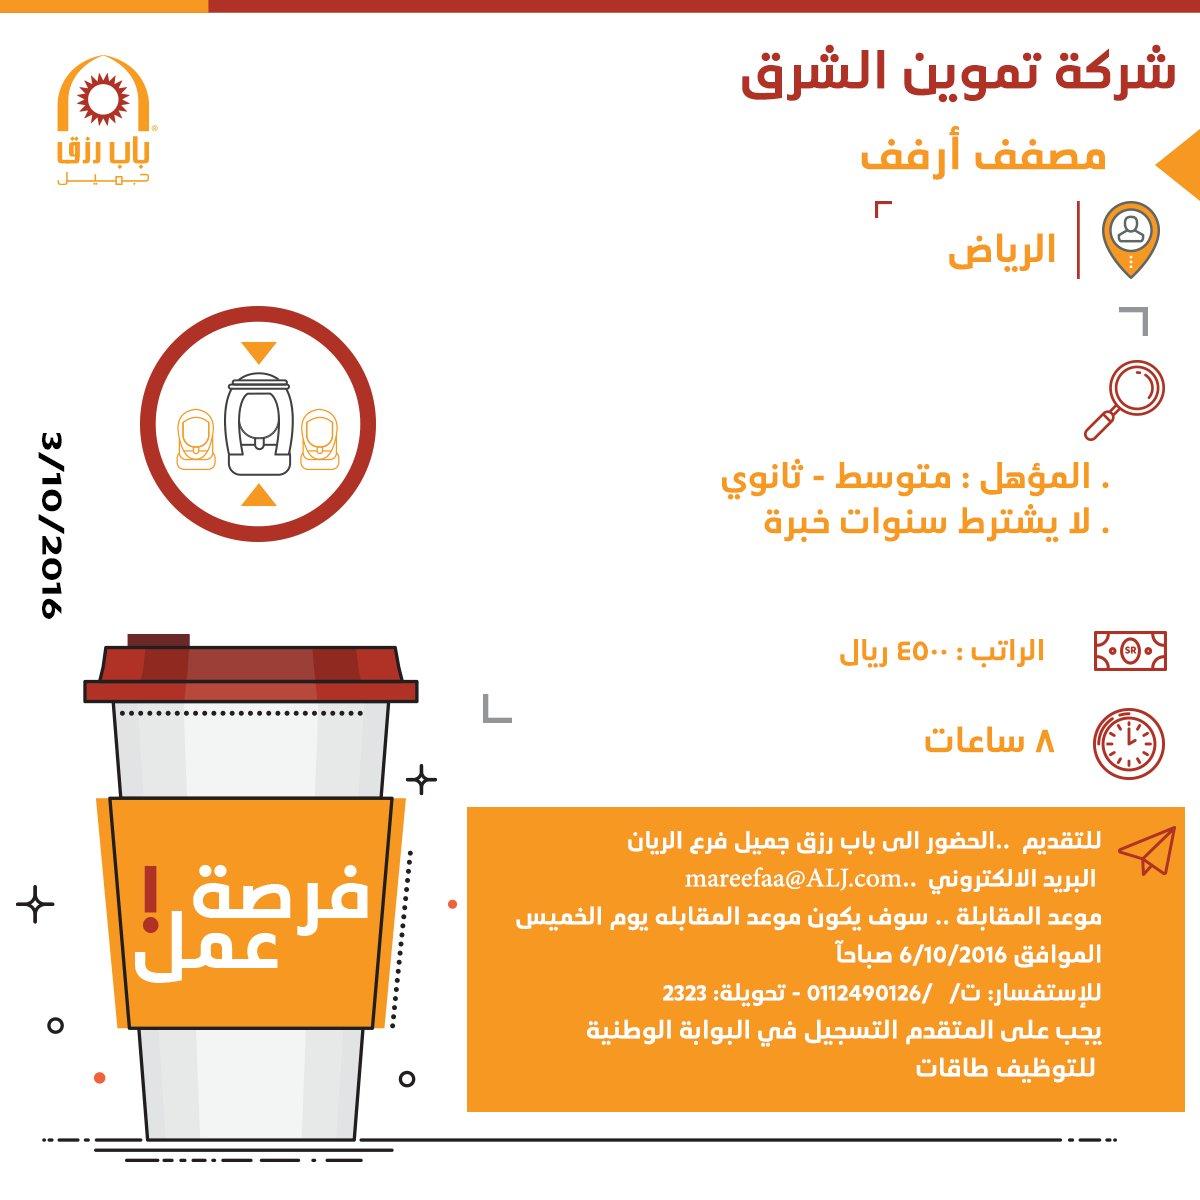 غدا الخميس التقديم على وظيفة مصفف أرفف لشركة تموين الشرق - الرياض